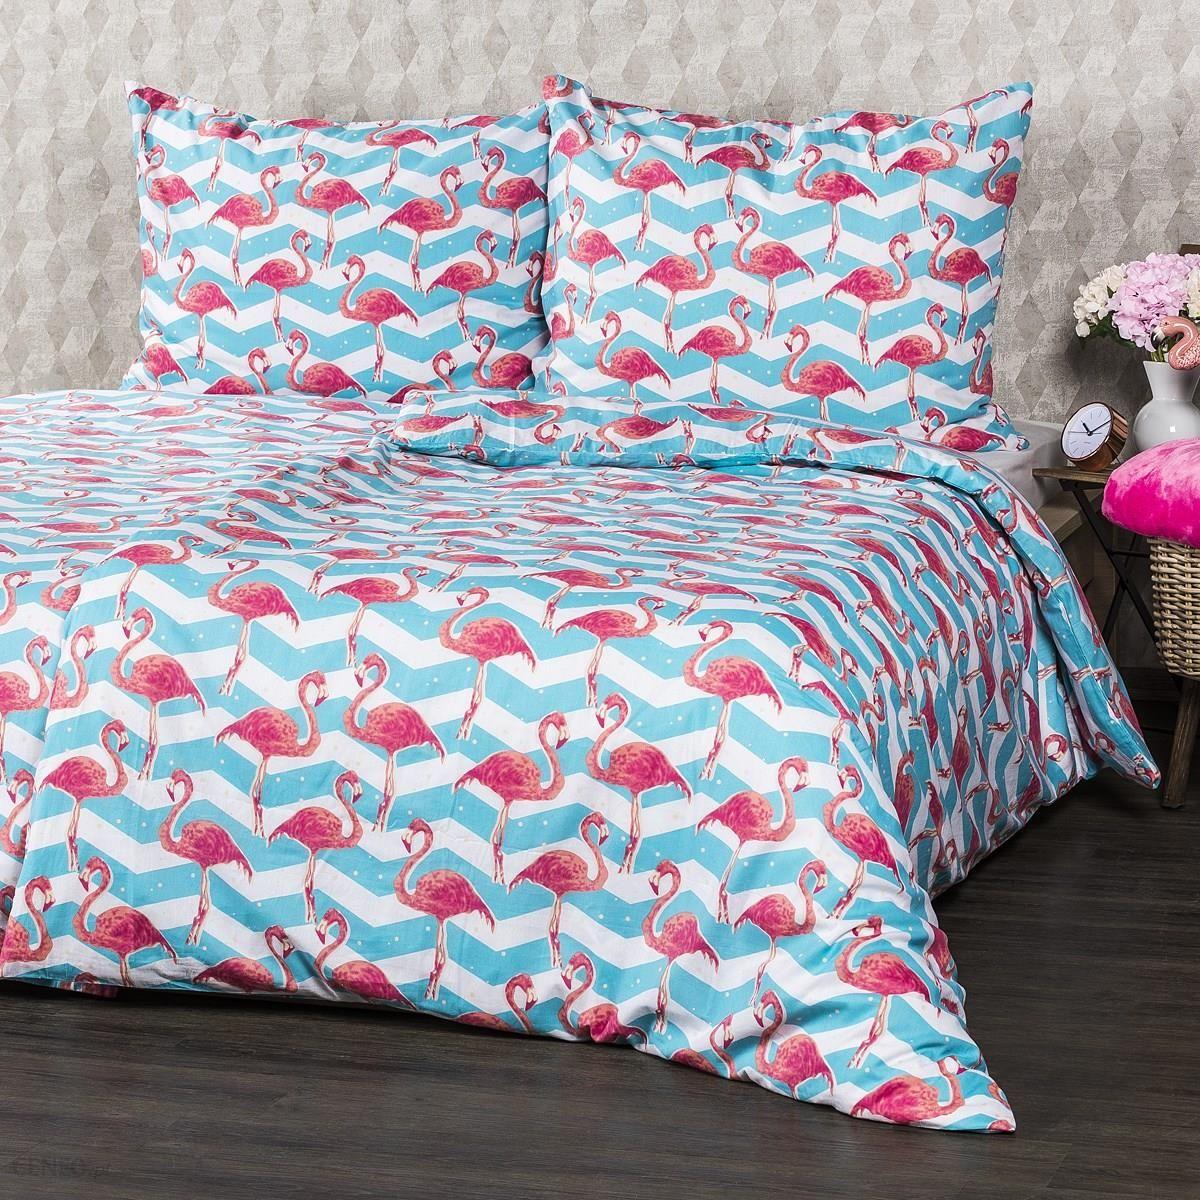 4home Pościel Bawełniana Flamingo 140x200 Cm 70x90 Cm 140x200 Cm